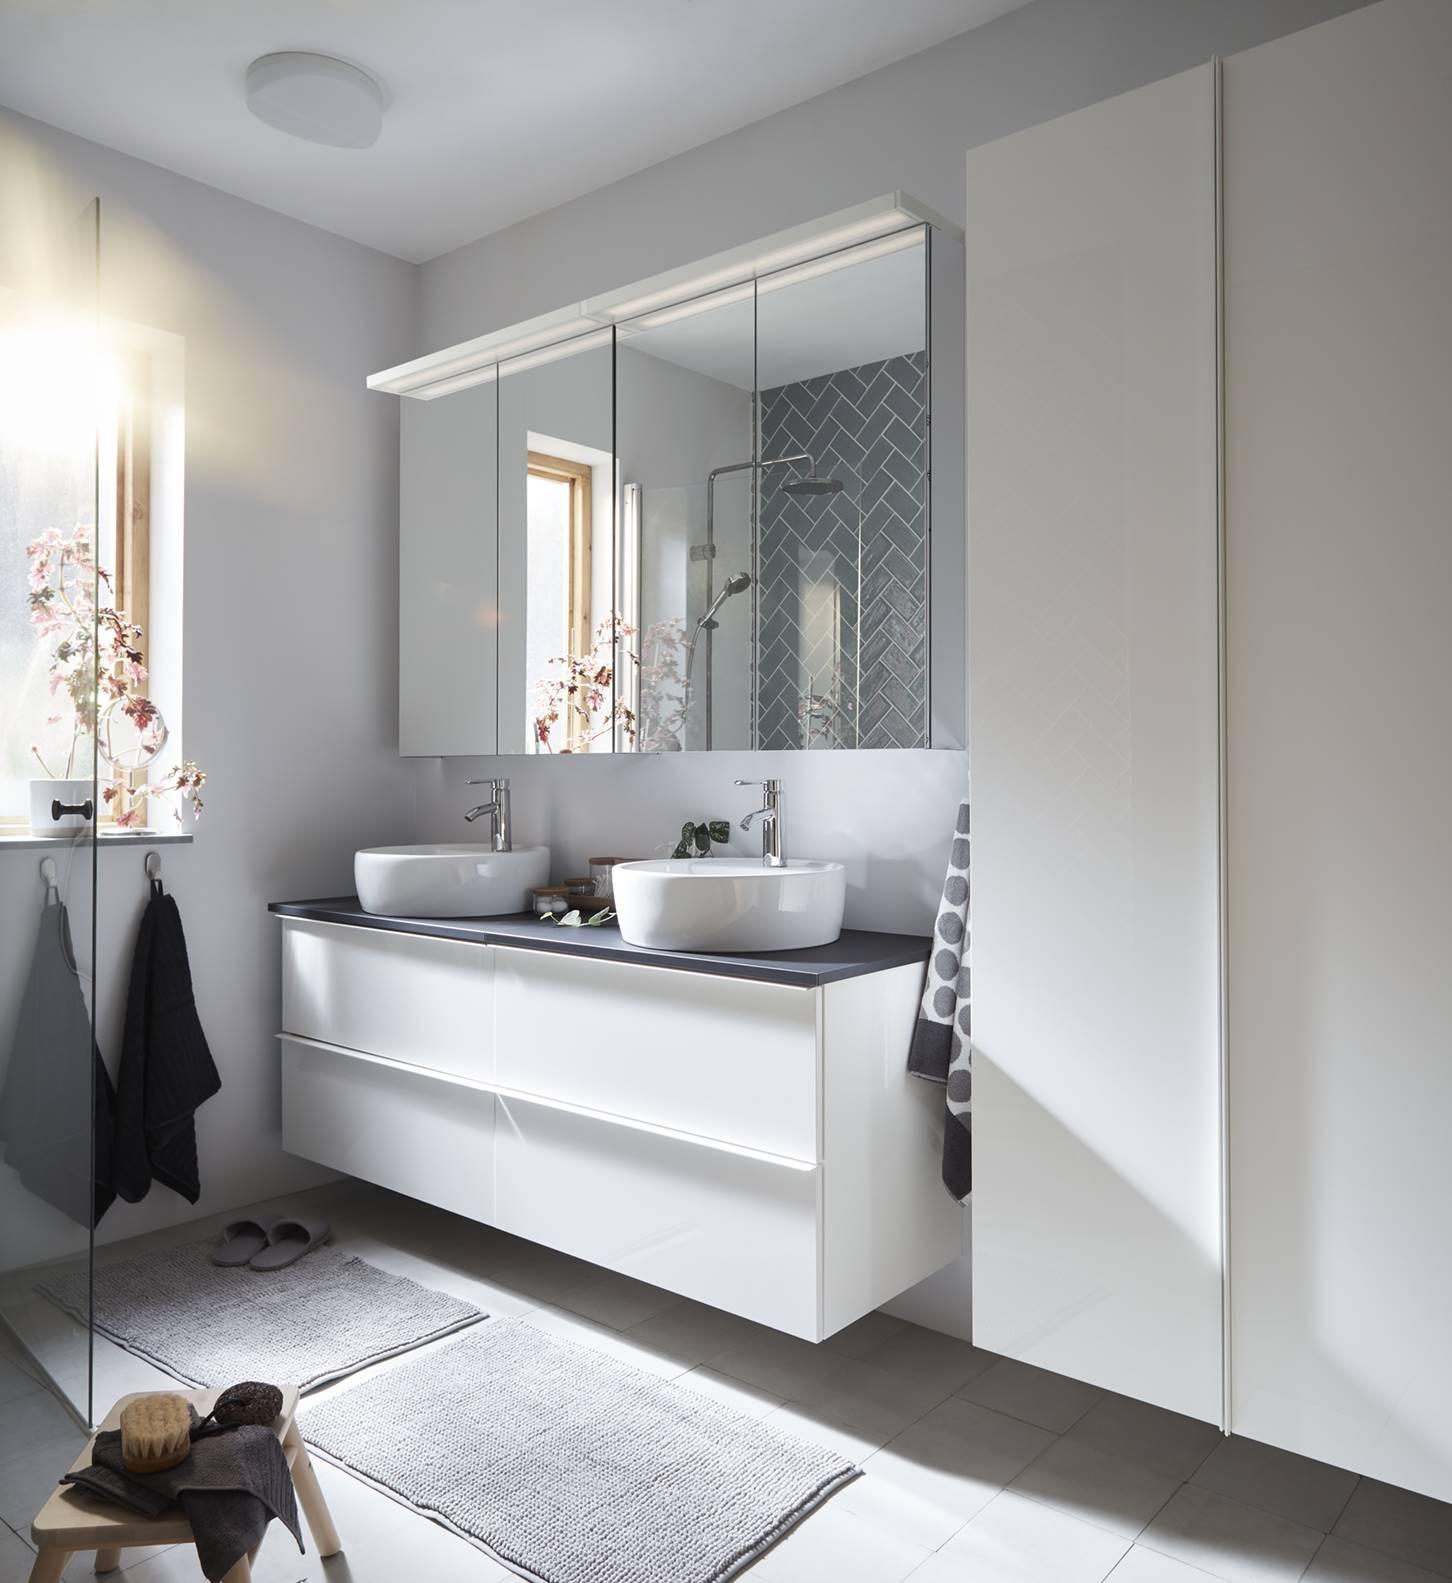 muebles baño ikea 2020